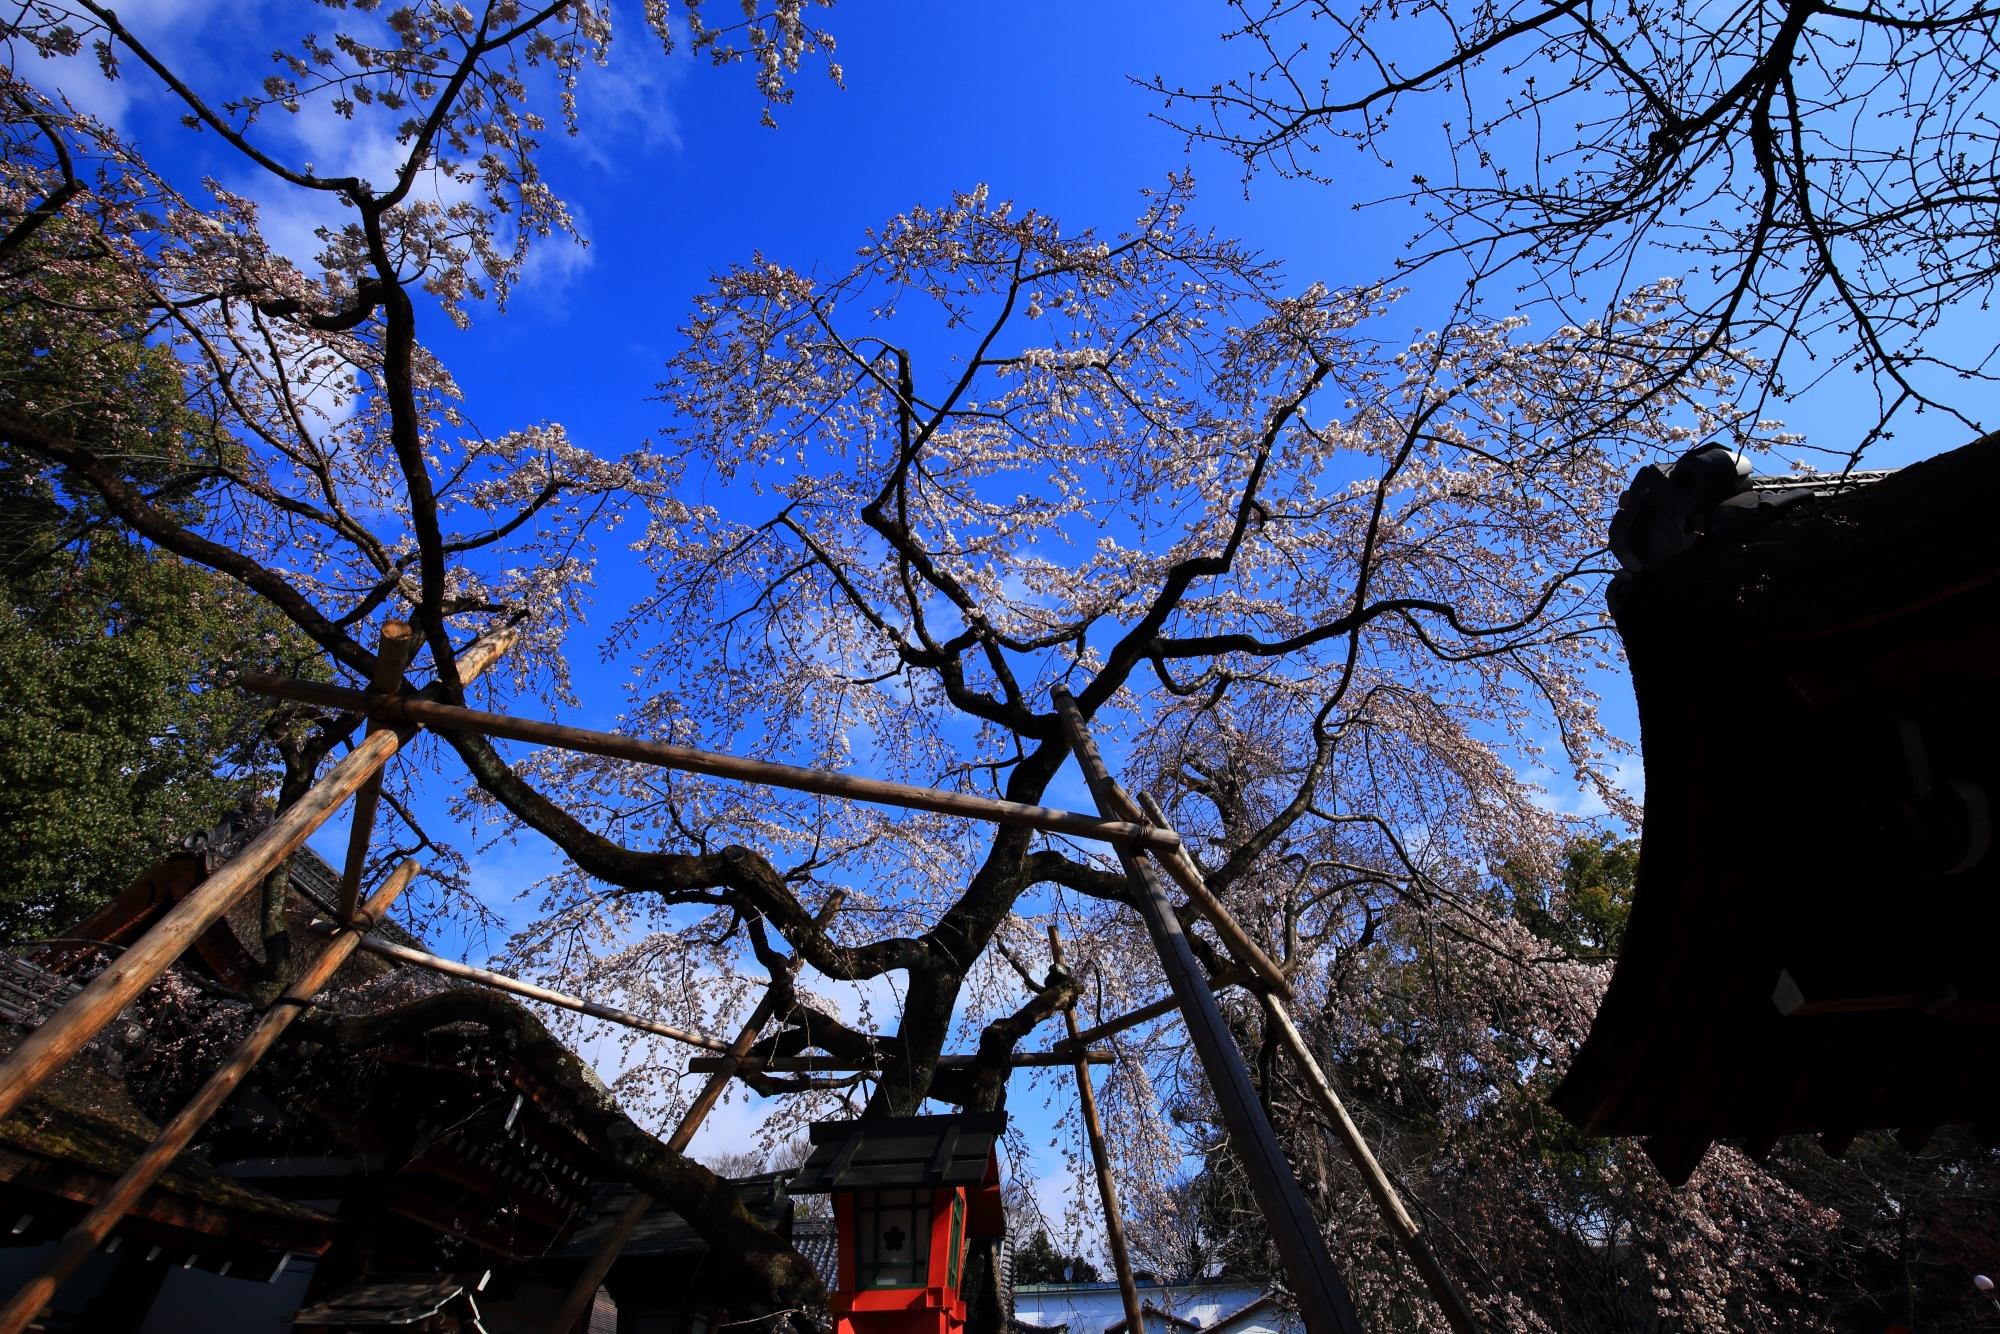 青空を華やかに彩る魁桜